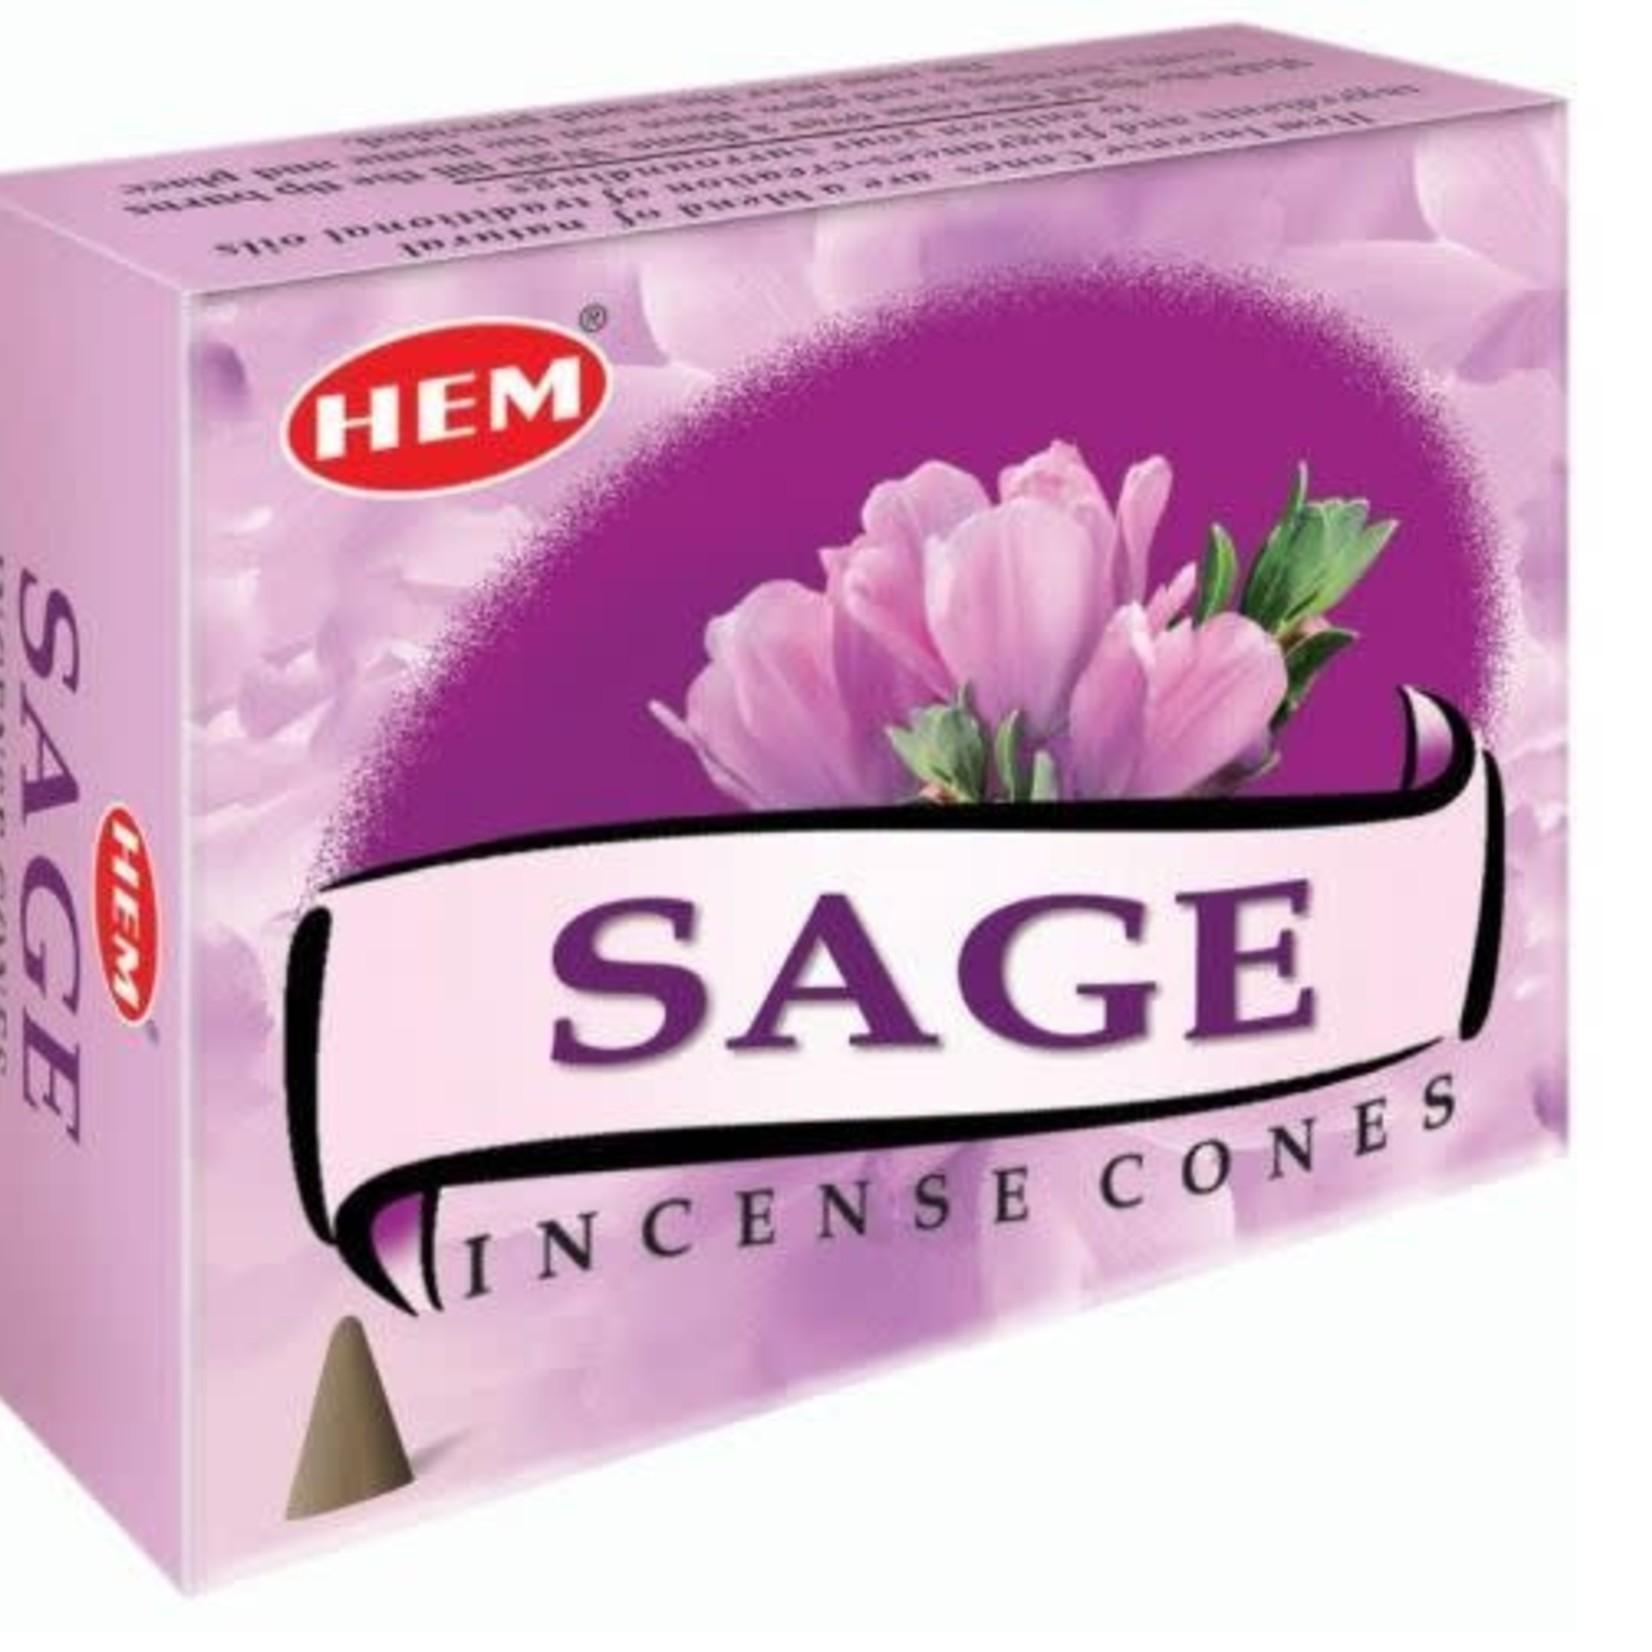 Sage Incense Cones - Hem